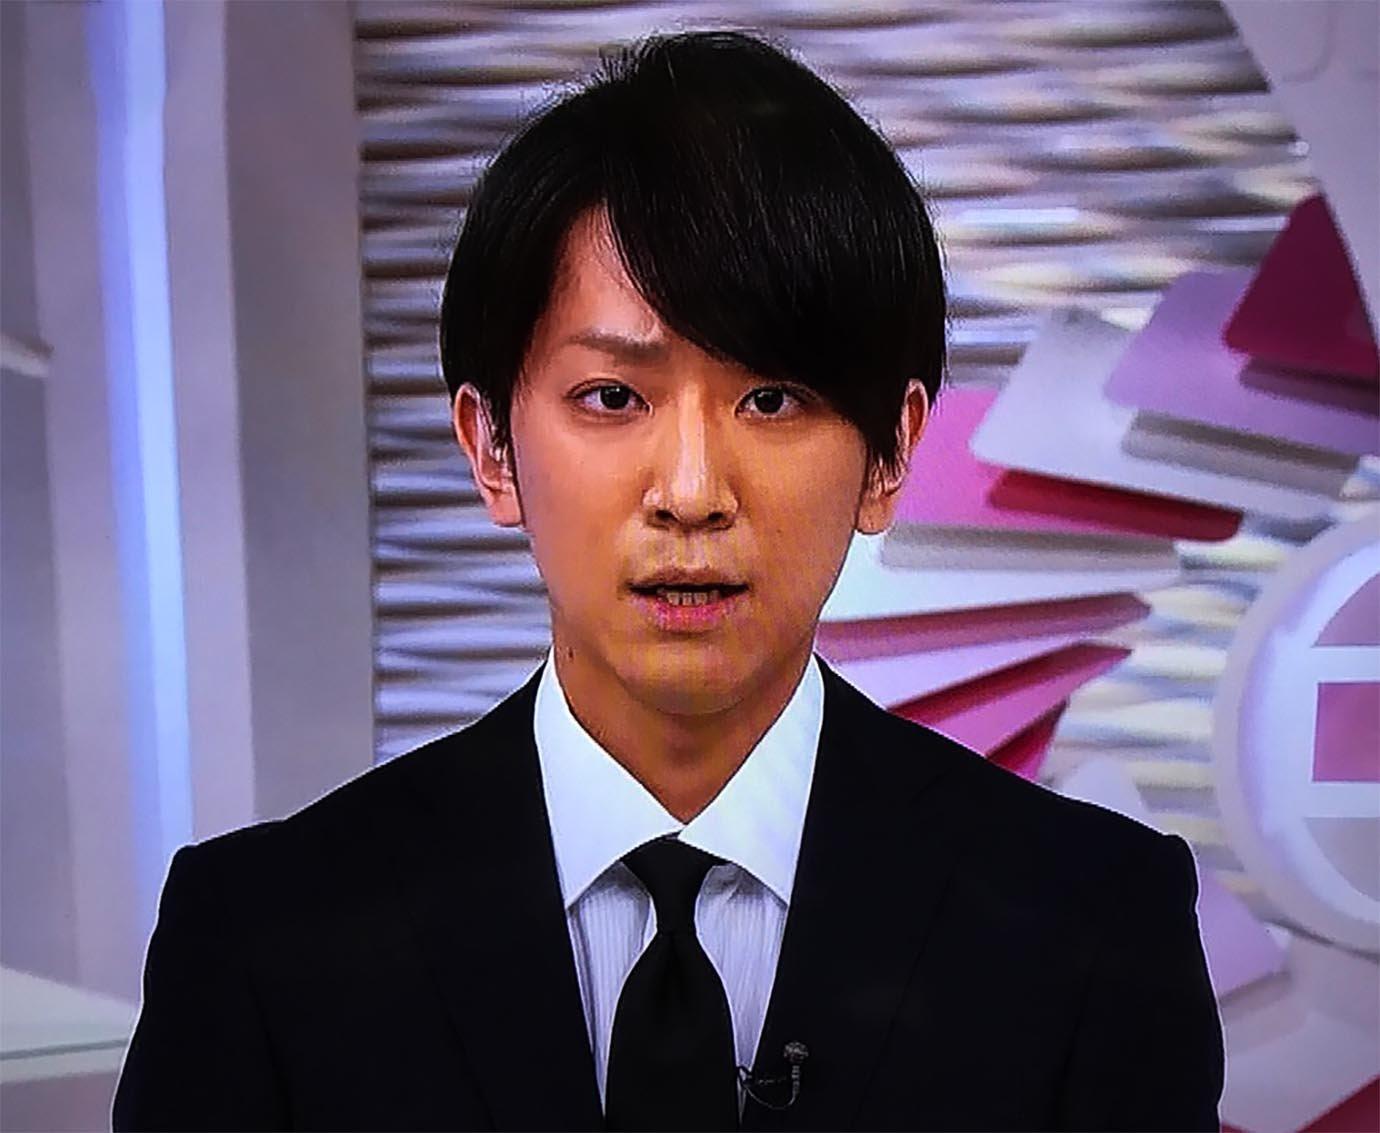 「小山慶一郎 加藤シゲアキ」の画像検索結果